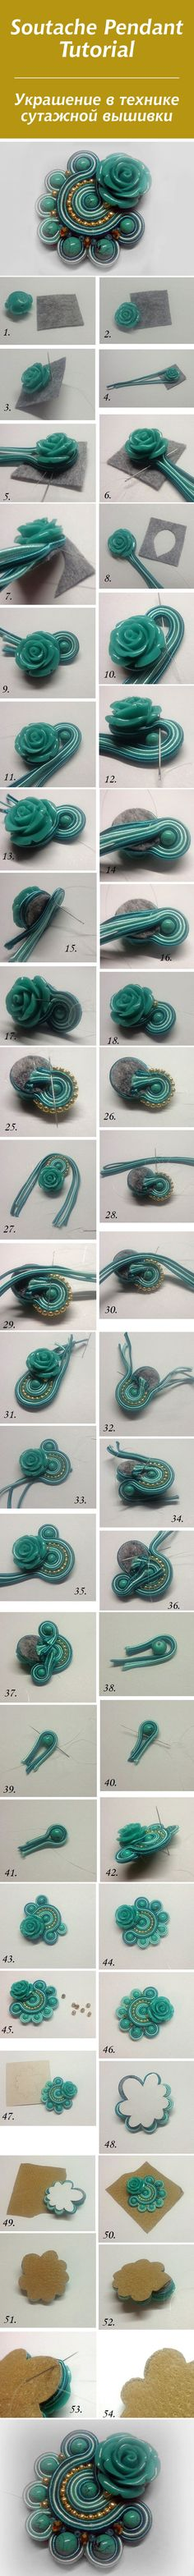 Делаем украшение в технике сутажной вышивкой